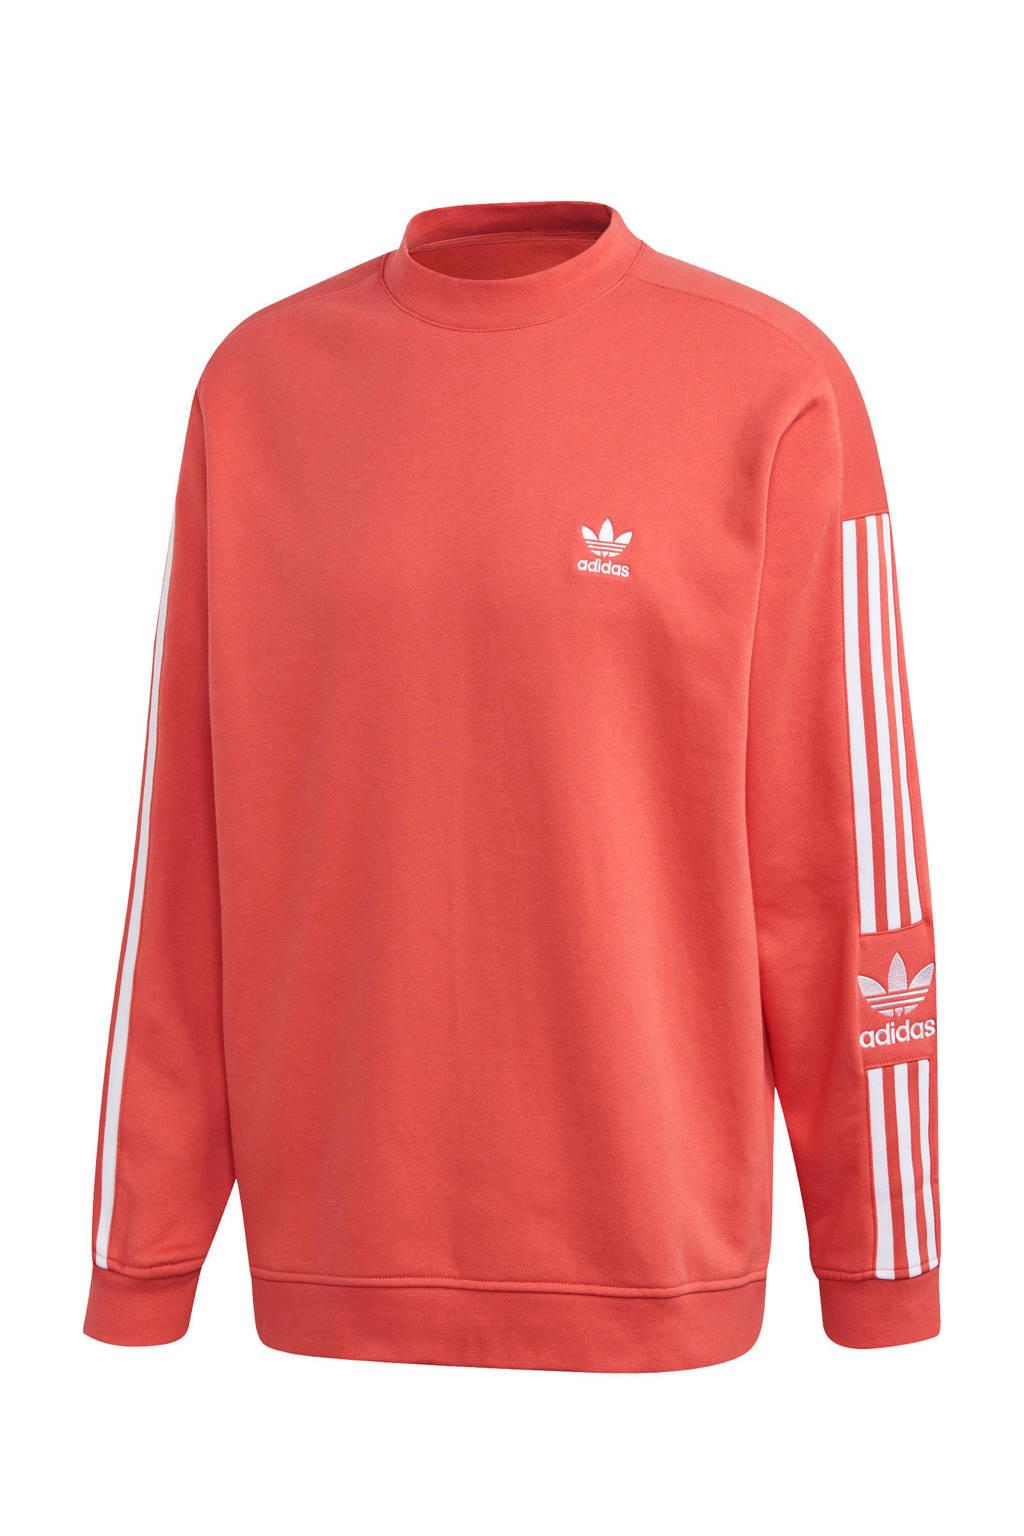 adidas Originals sweater koraalrood, Koraalrood